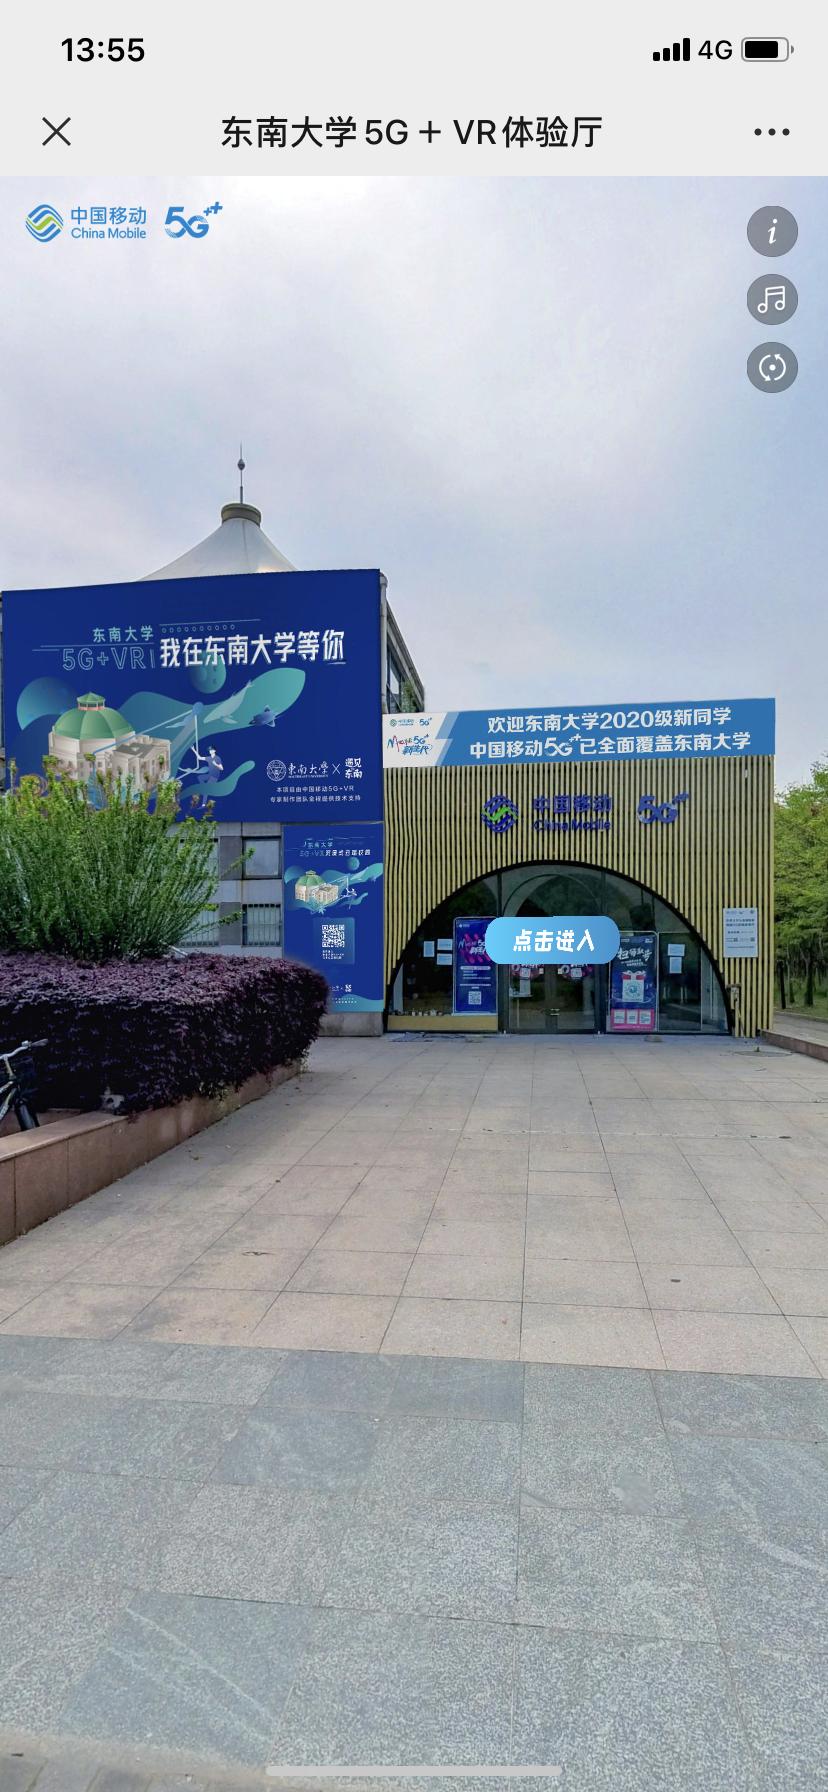 方寸之间别有洞天 江苏首个5G+VR沉浸式校园体验厅上线